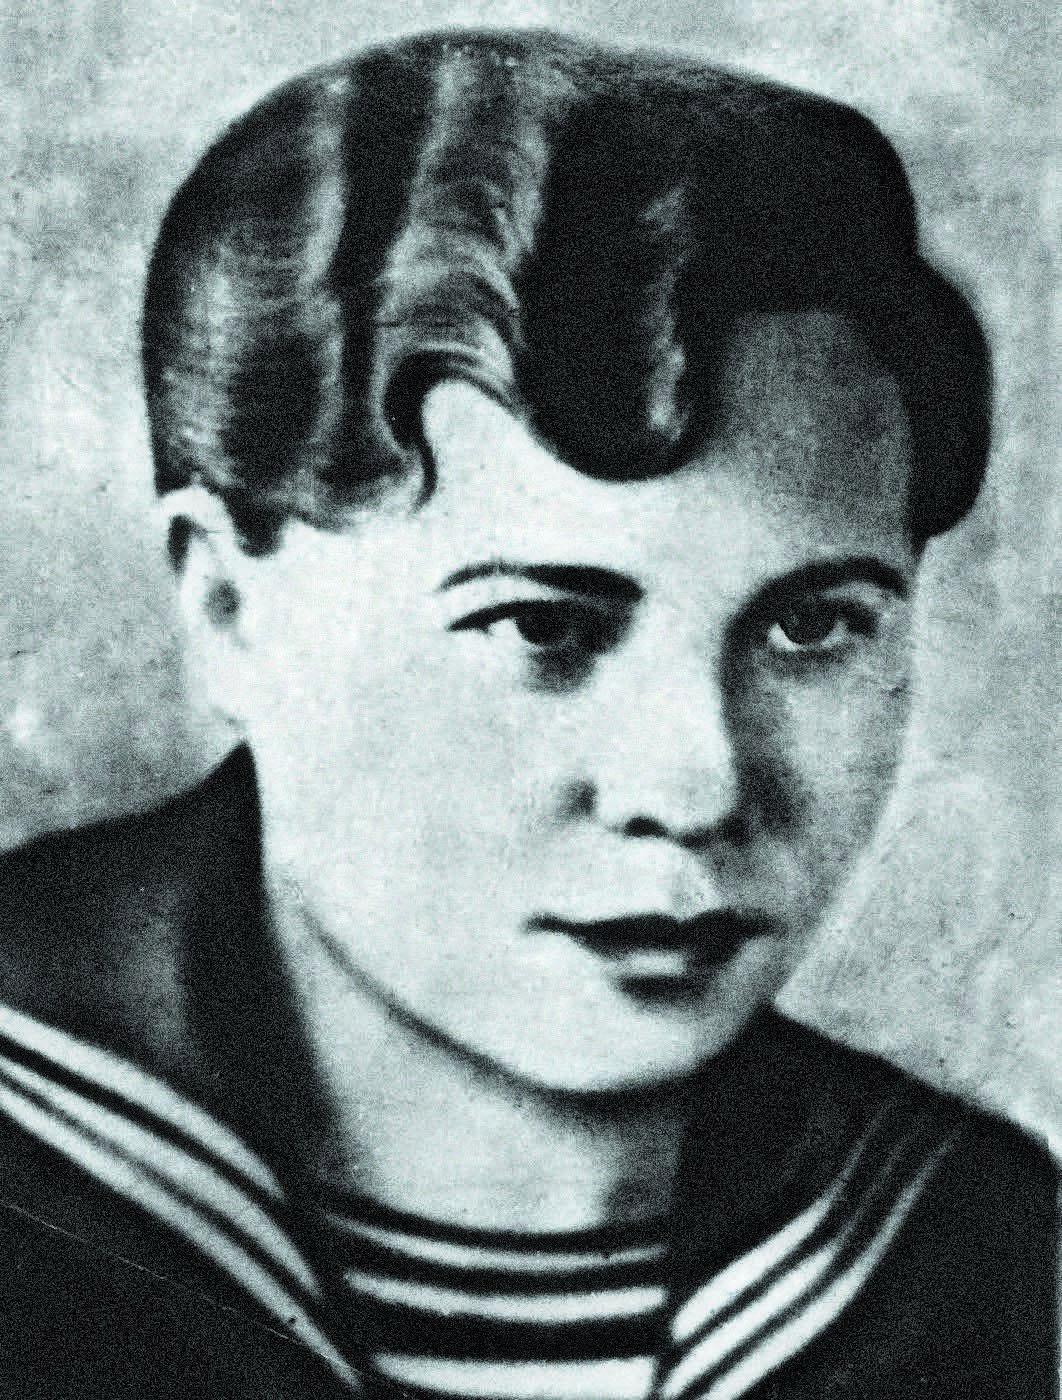 Cтарший матрос Мария Цуканова была разведчицей и погибла при уничтожении японского спецотряда.